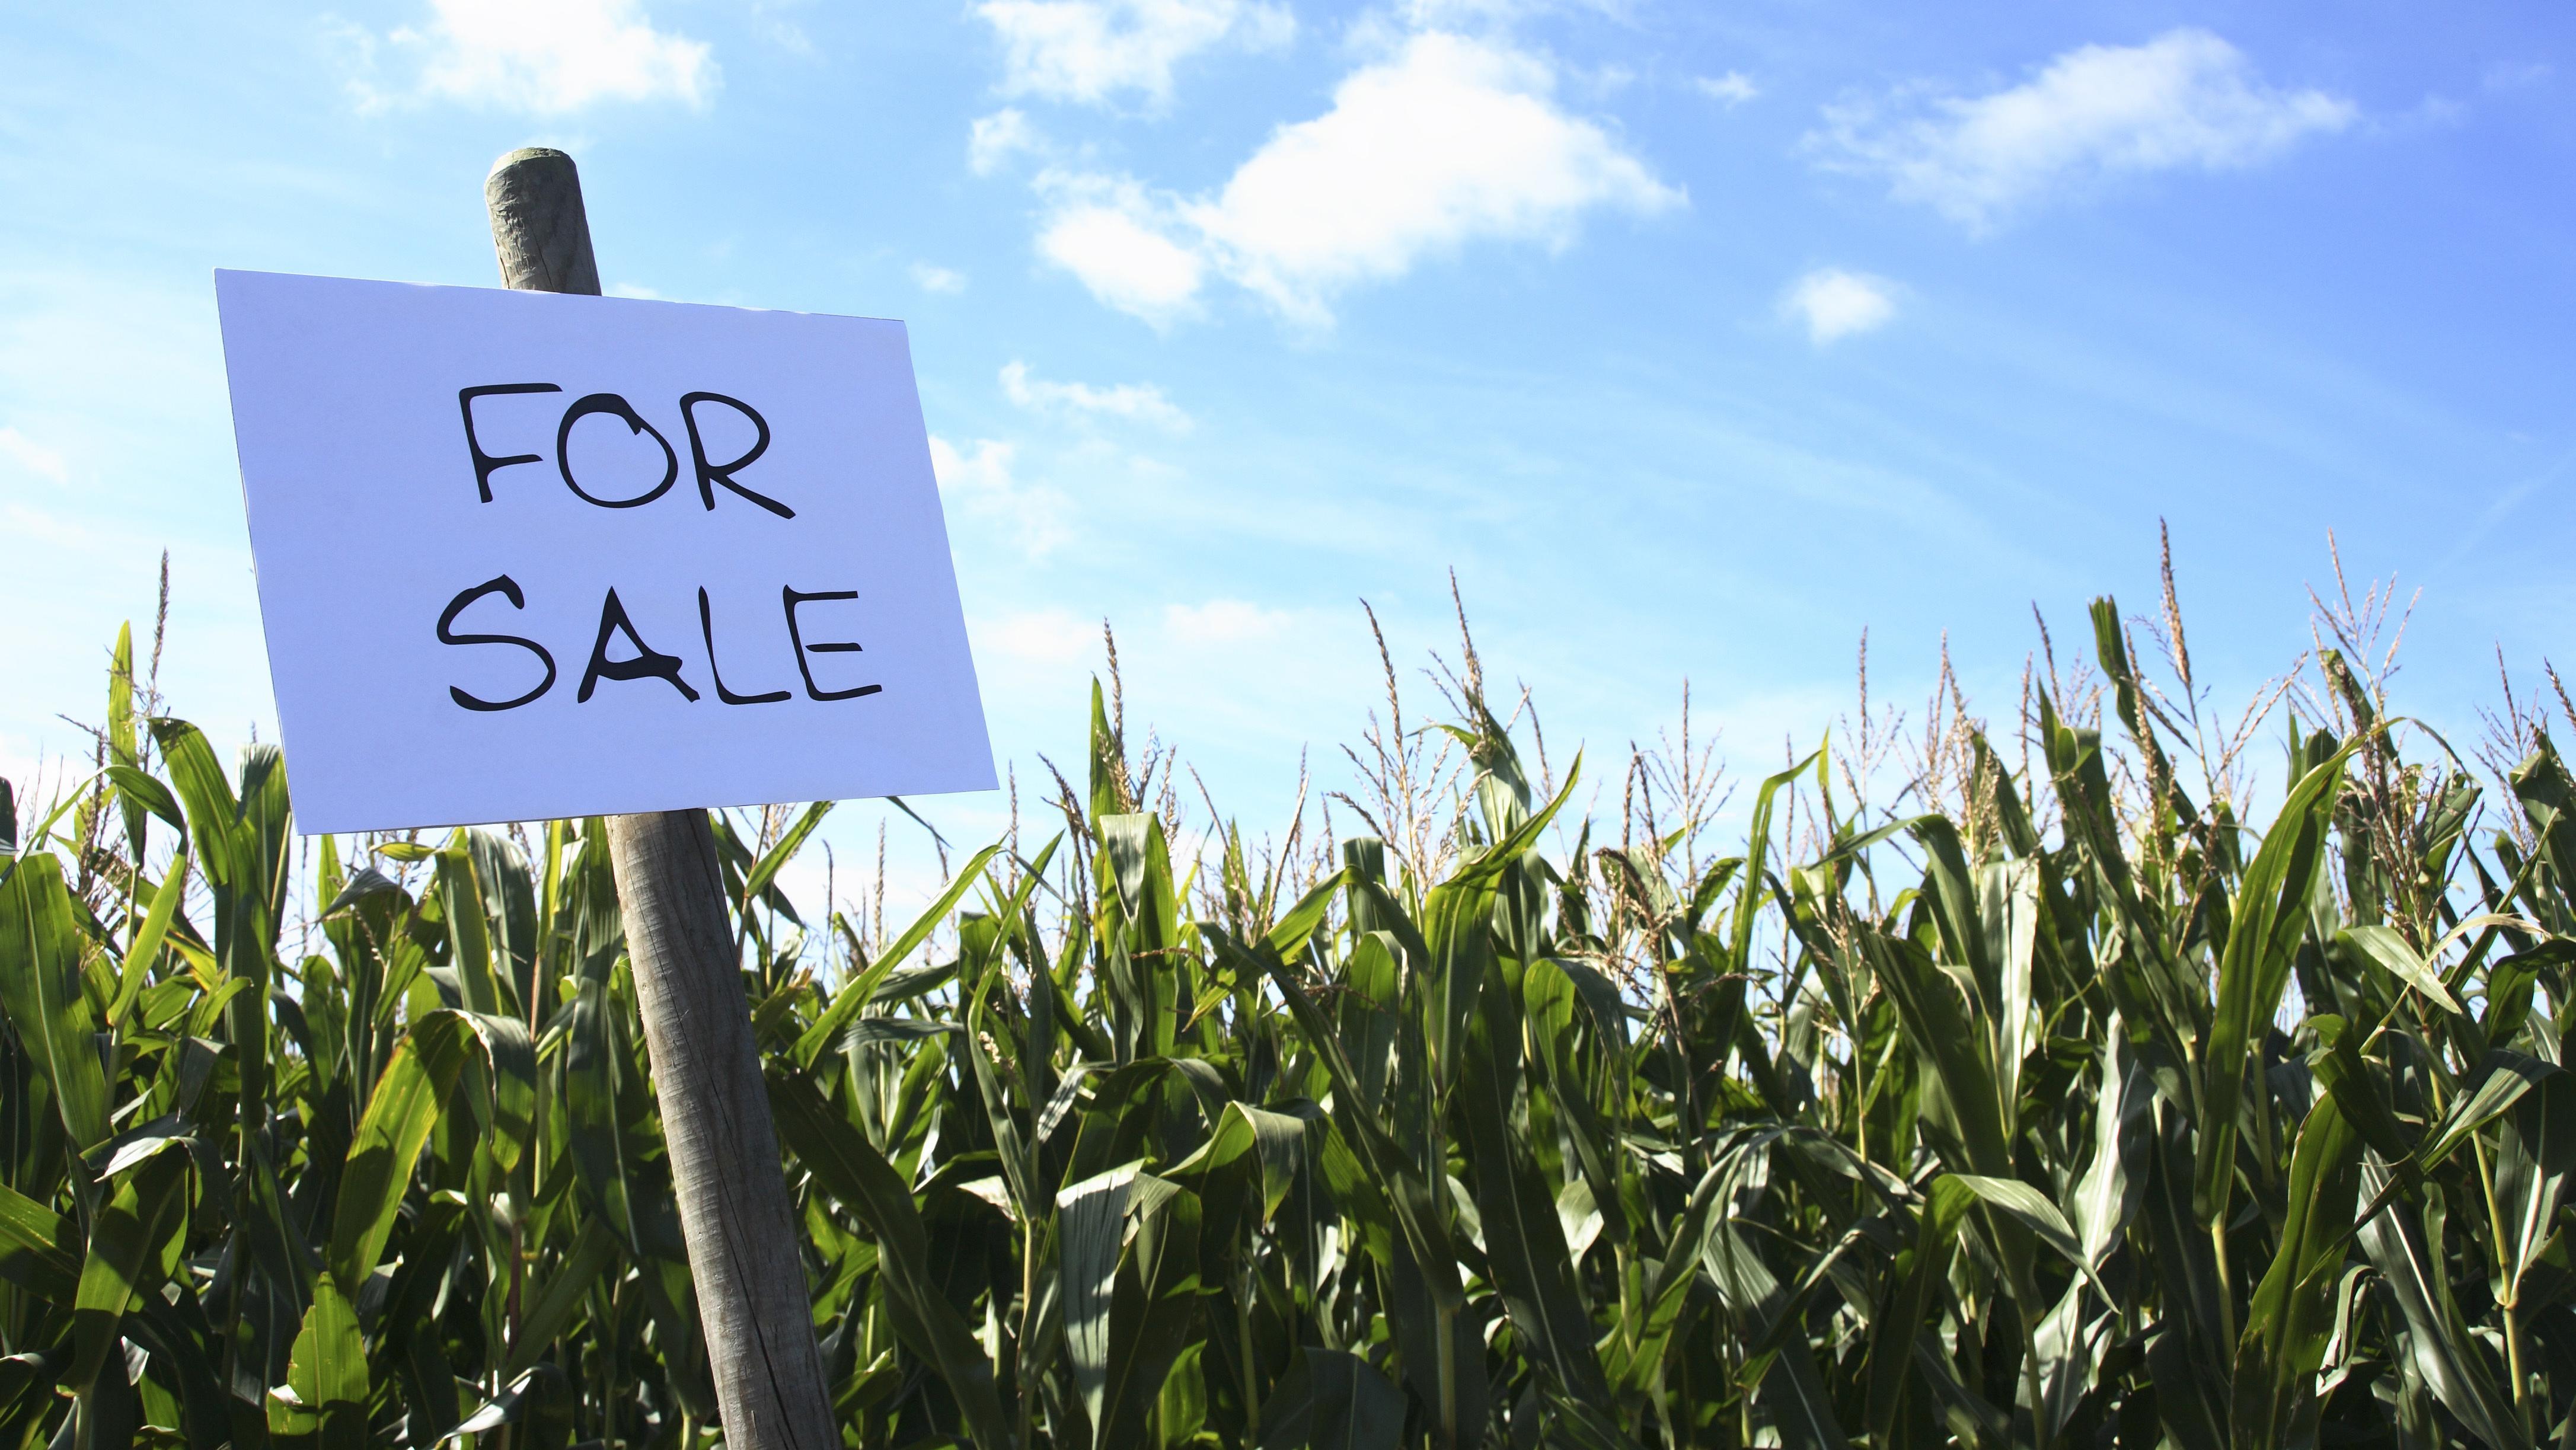 """Ein Maisfeld mit einem Schild """"For sale"""" davor."""